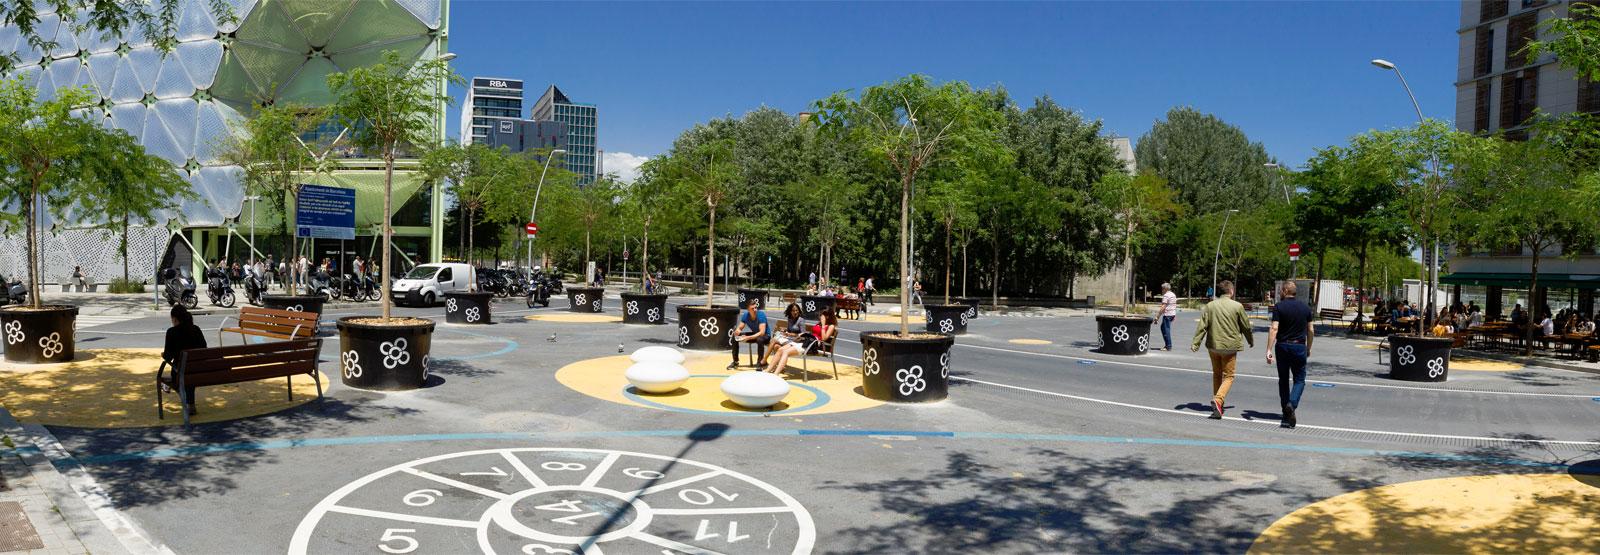 квартал Суперрия в районе Сан-Марти (Барселона)